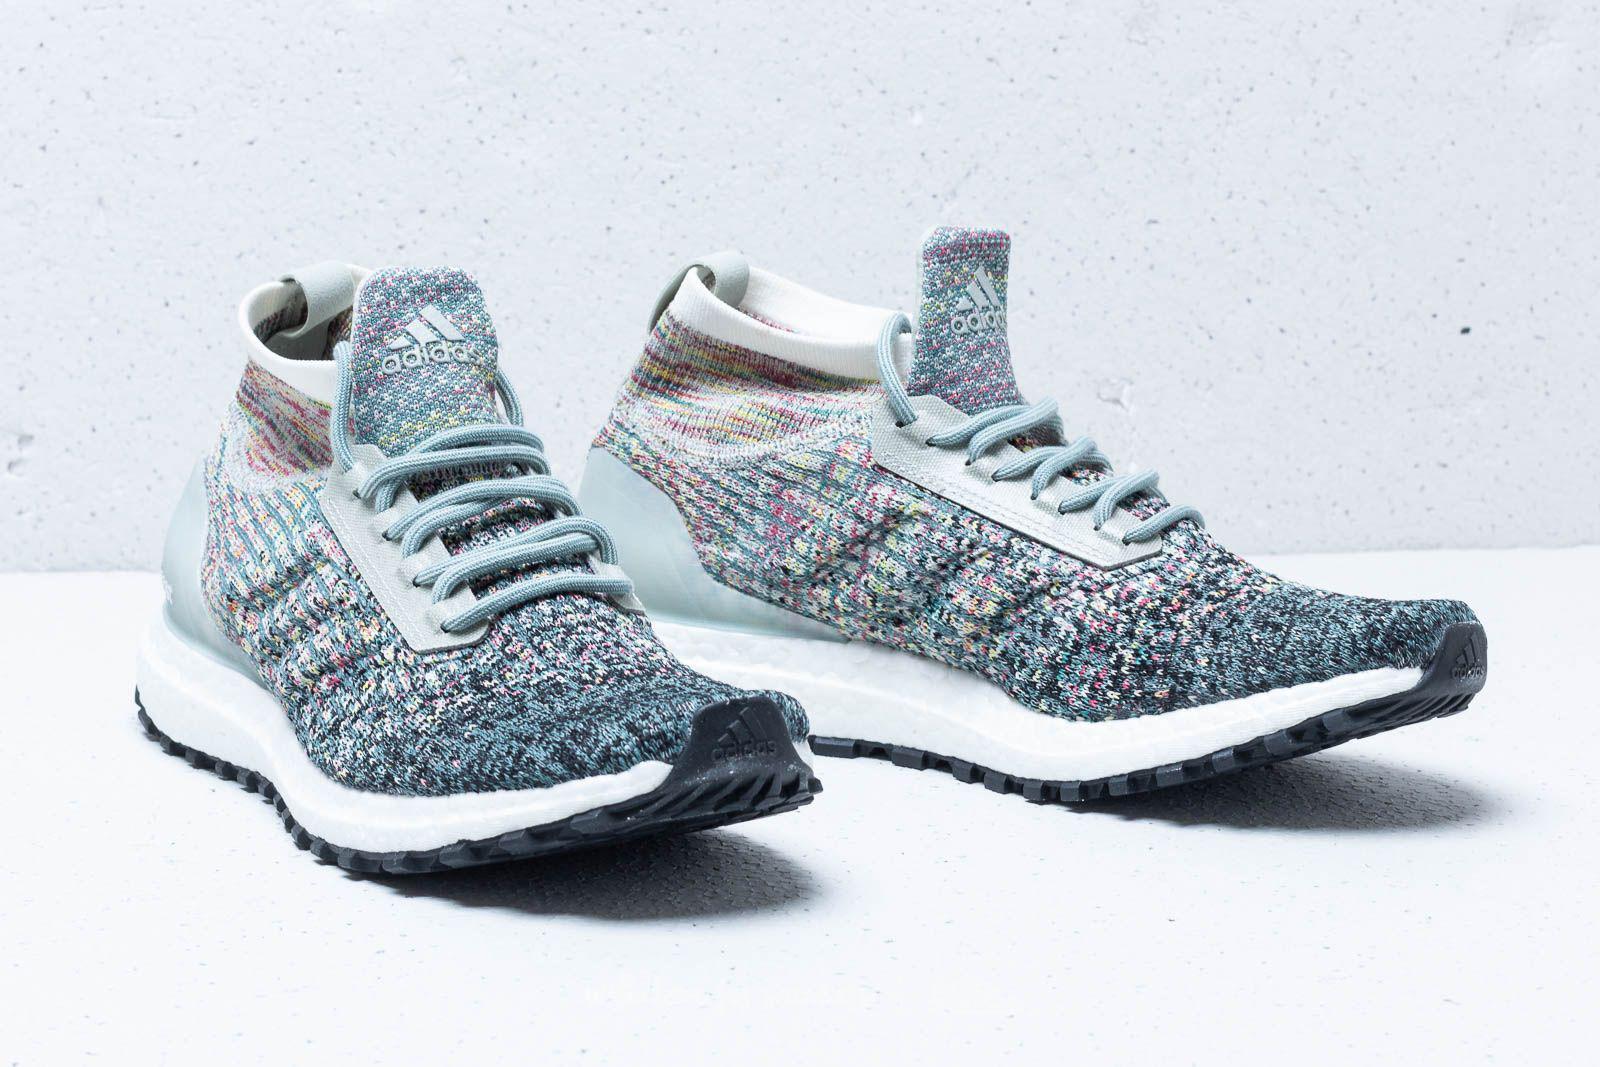 37d2dd6c0 Lyst - Footshop Adidas Ultraboost All Terrain Ltd Ash Silver  Carbon ...